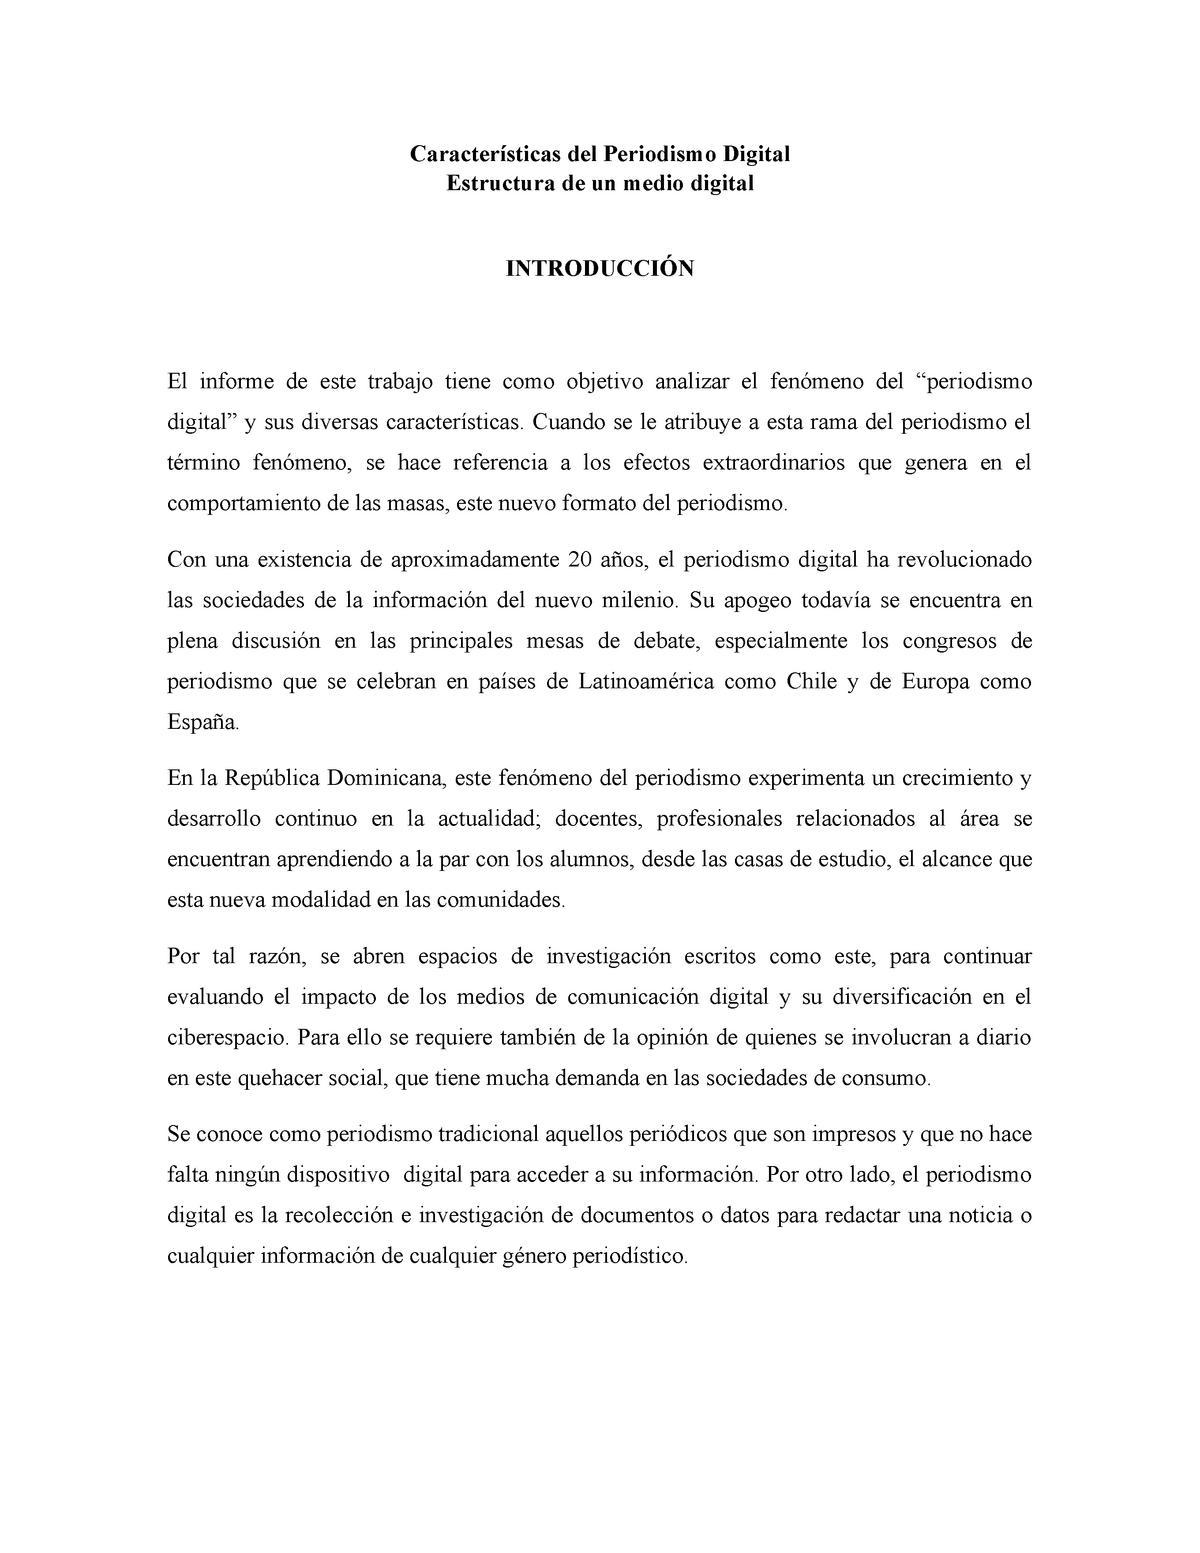 Práctica Características Periodismo Digital Y Estructura De